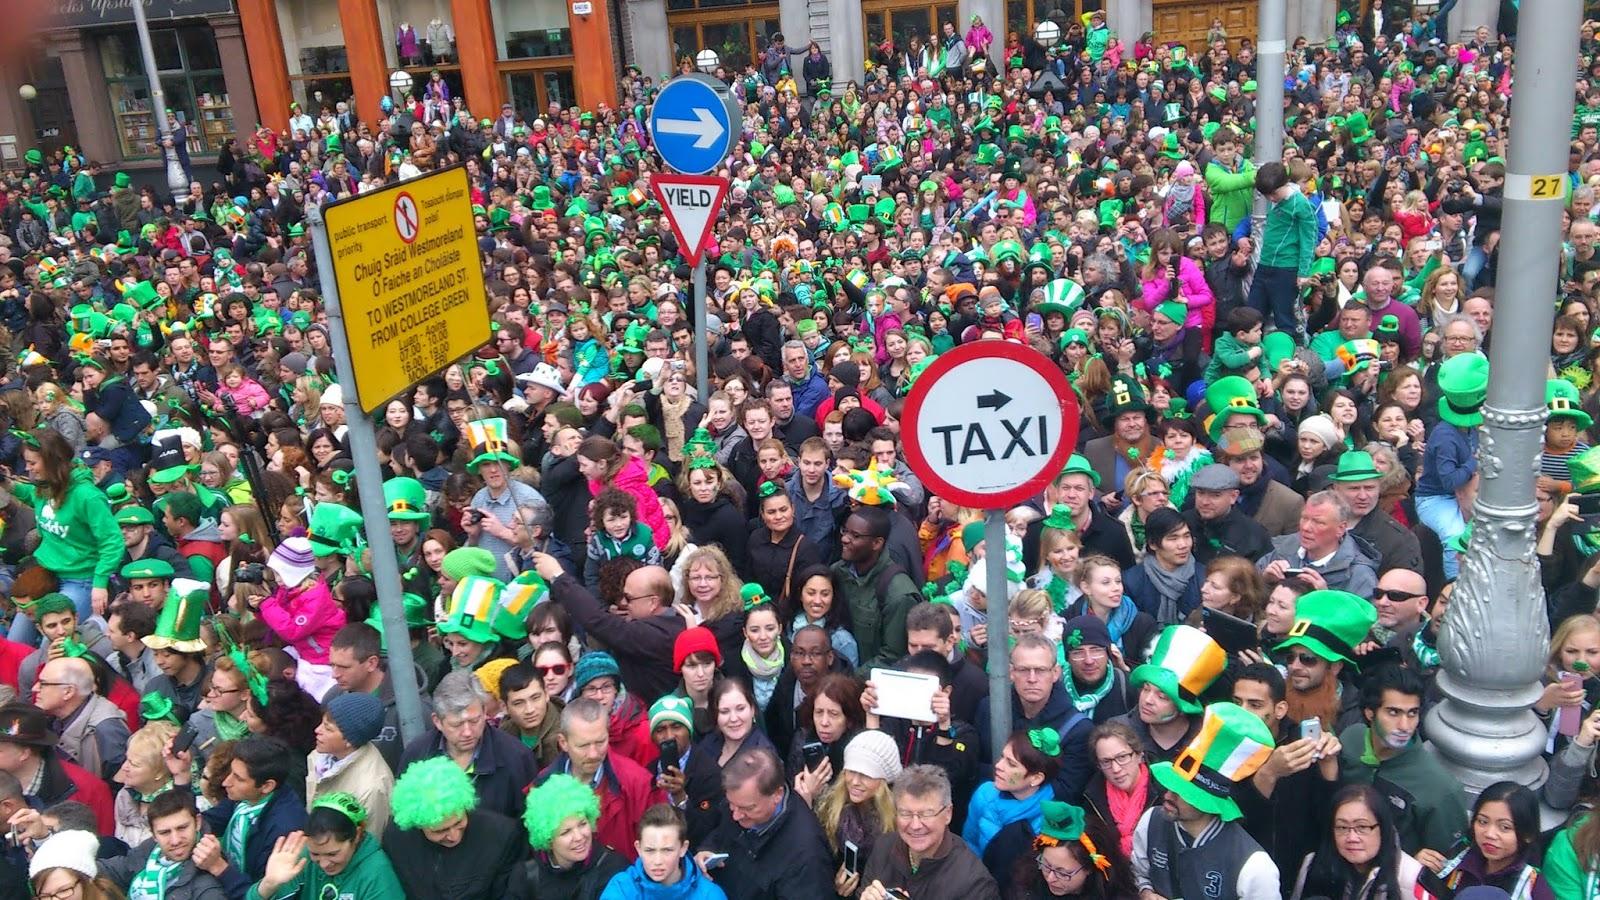 Aquí no.. organizado para hacer disfrutar a las personas a través del desfile!